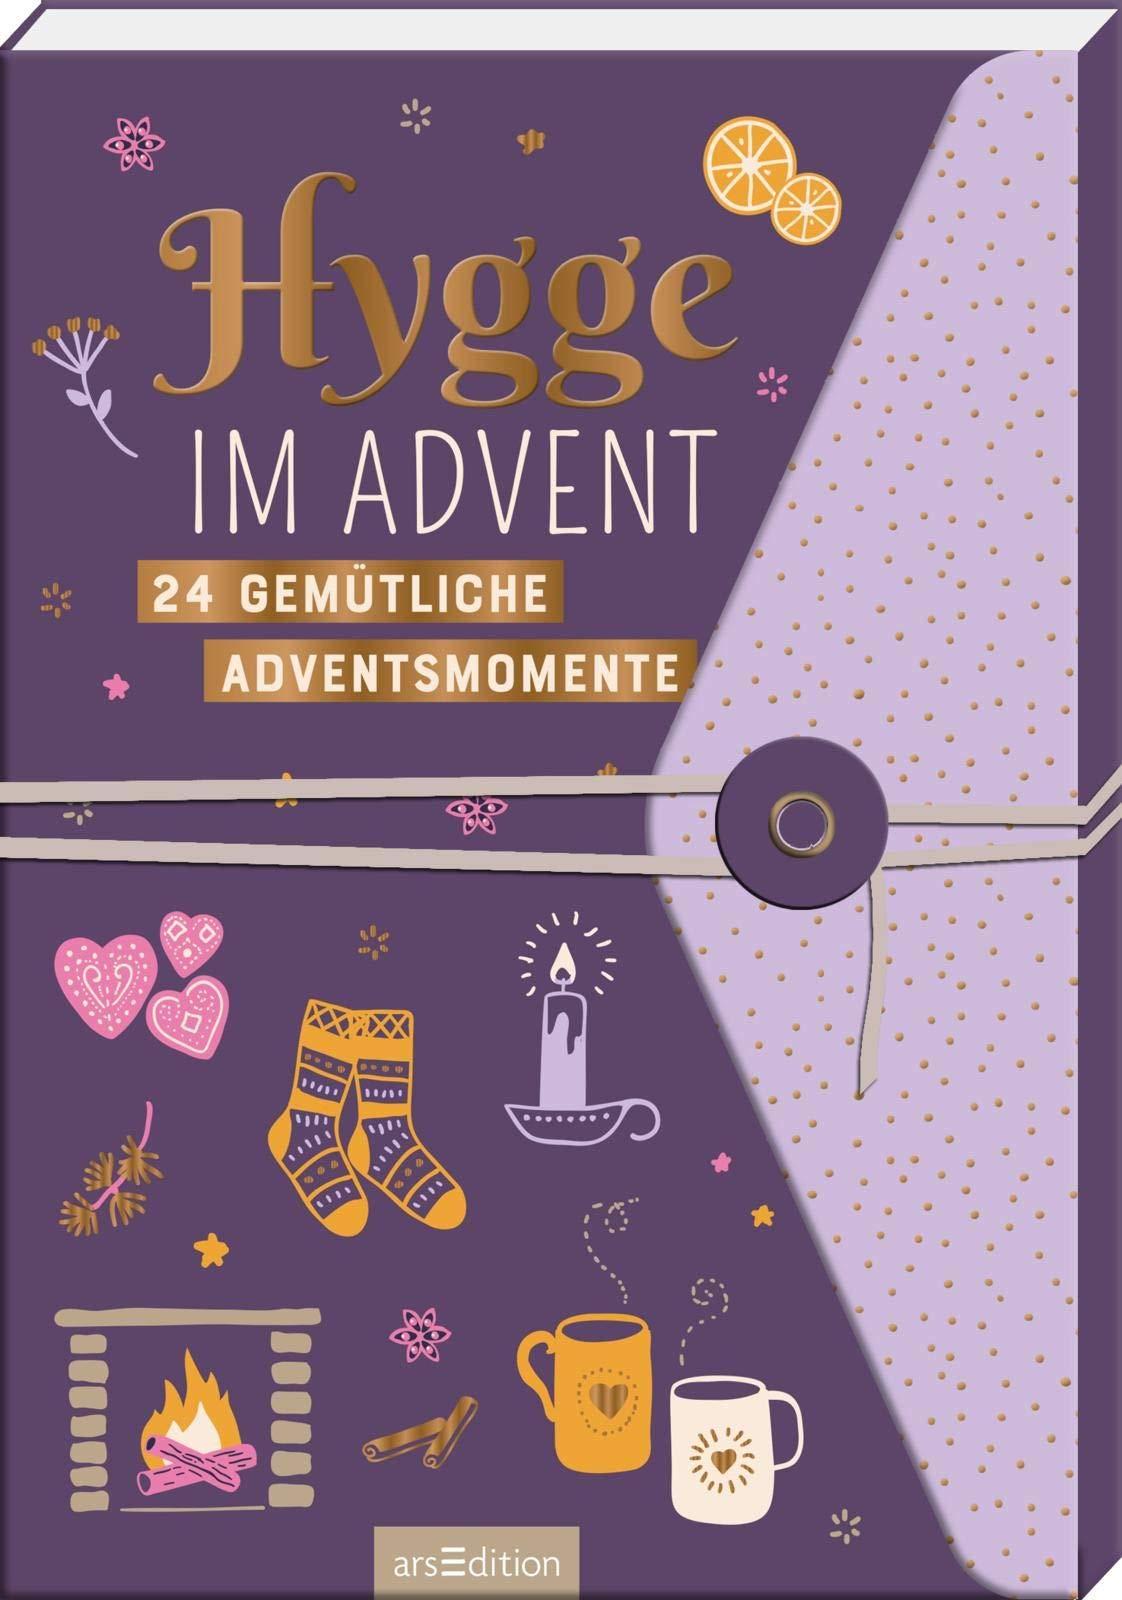 Dieser Adventskalender dreht sich rund um die dänische Geheimformel zum Glücklichsein: Hygge.